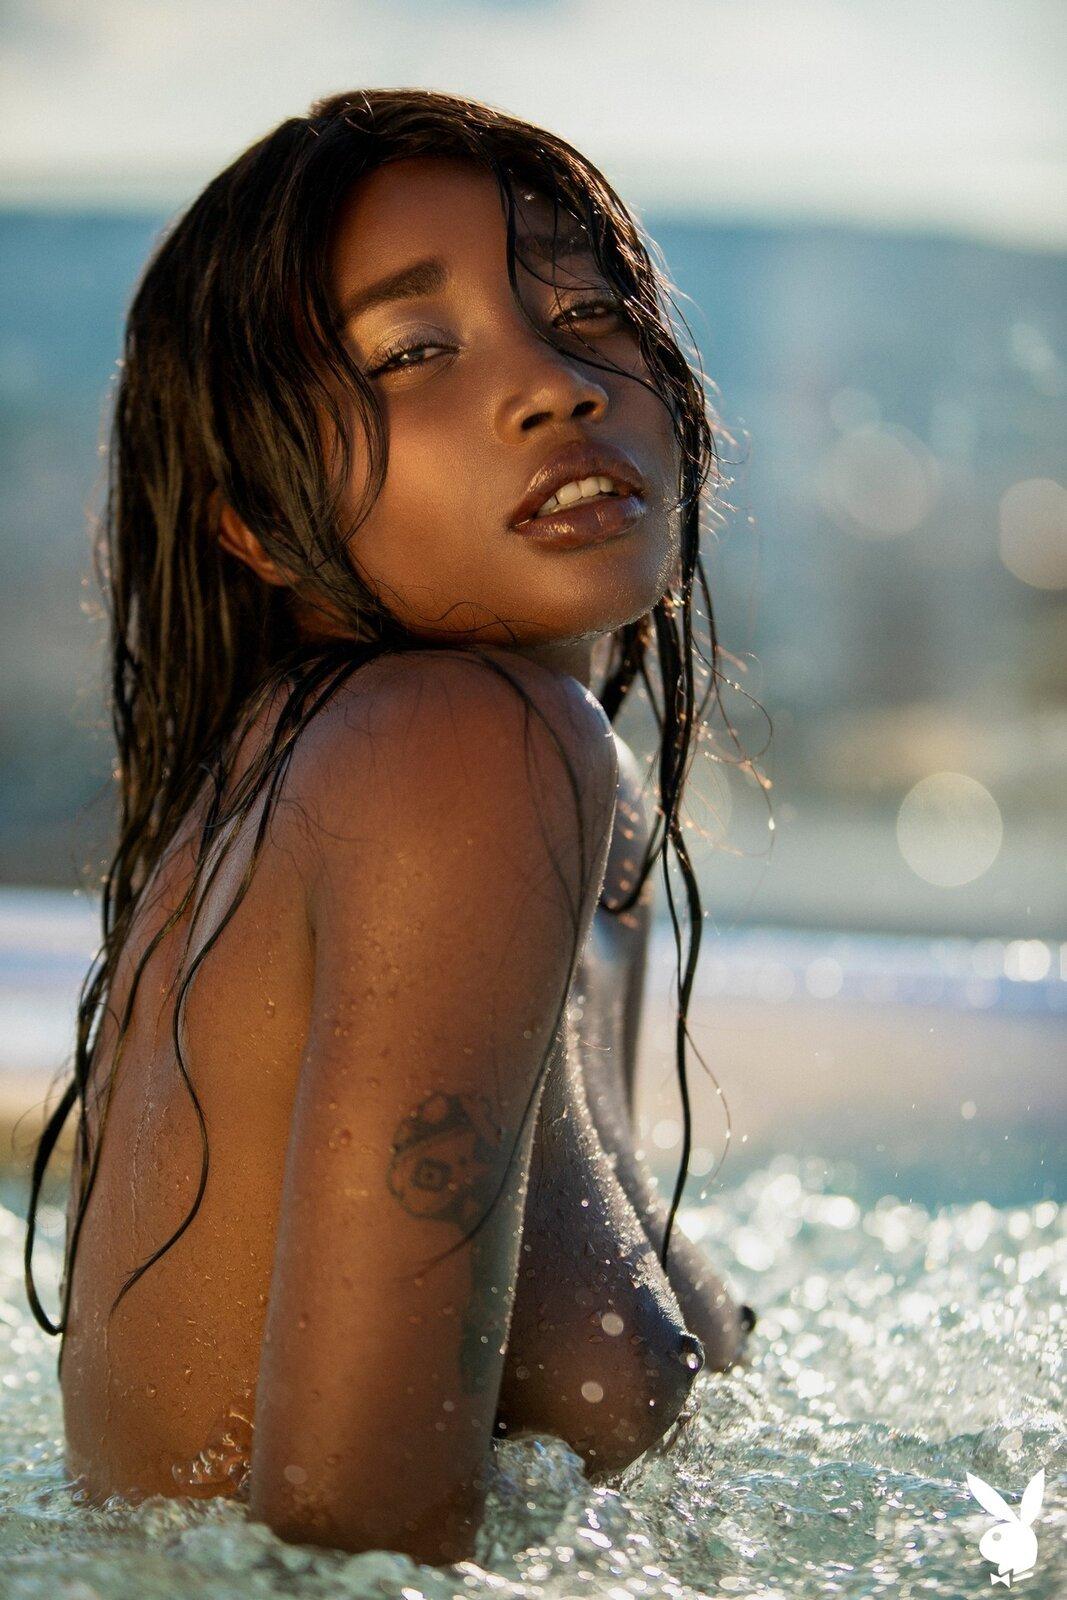 Мокрая негритянка сняла бикини в джакузи